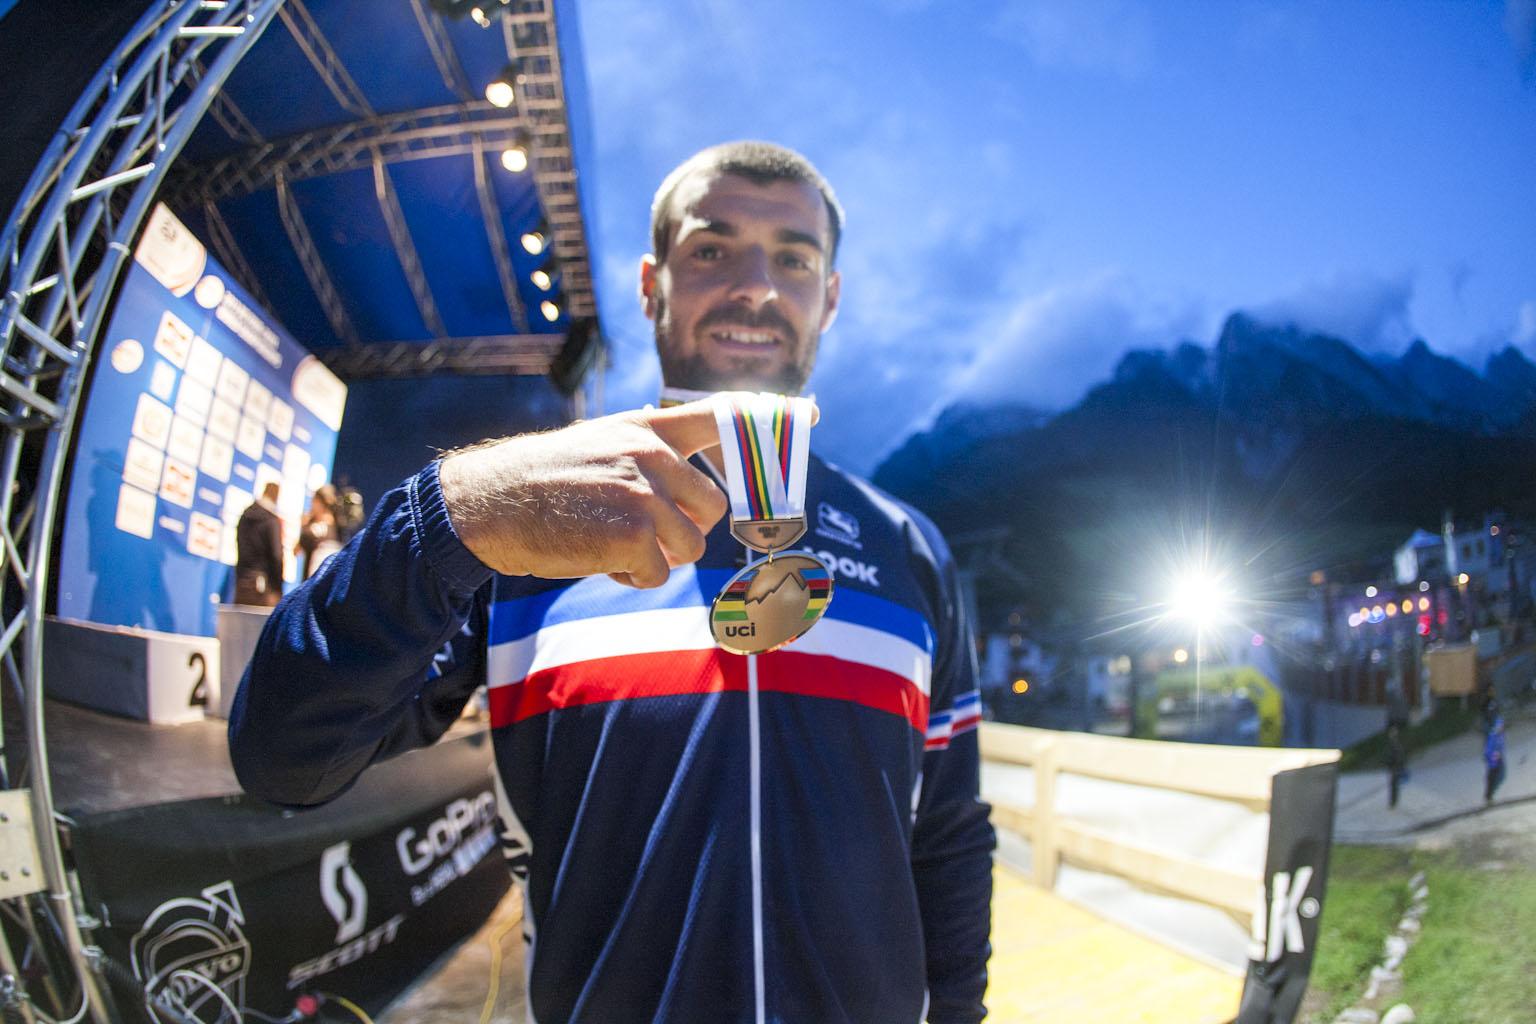 Quentin Derbier mit der Bronze-Medaille bei der 4Cross Weltmeisterschaft